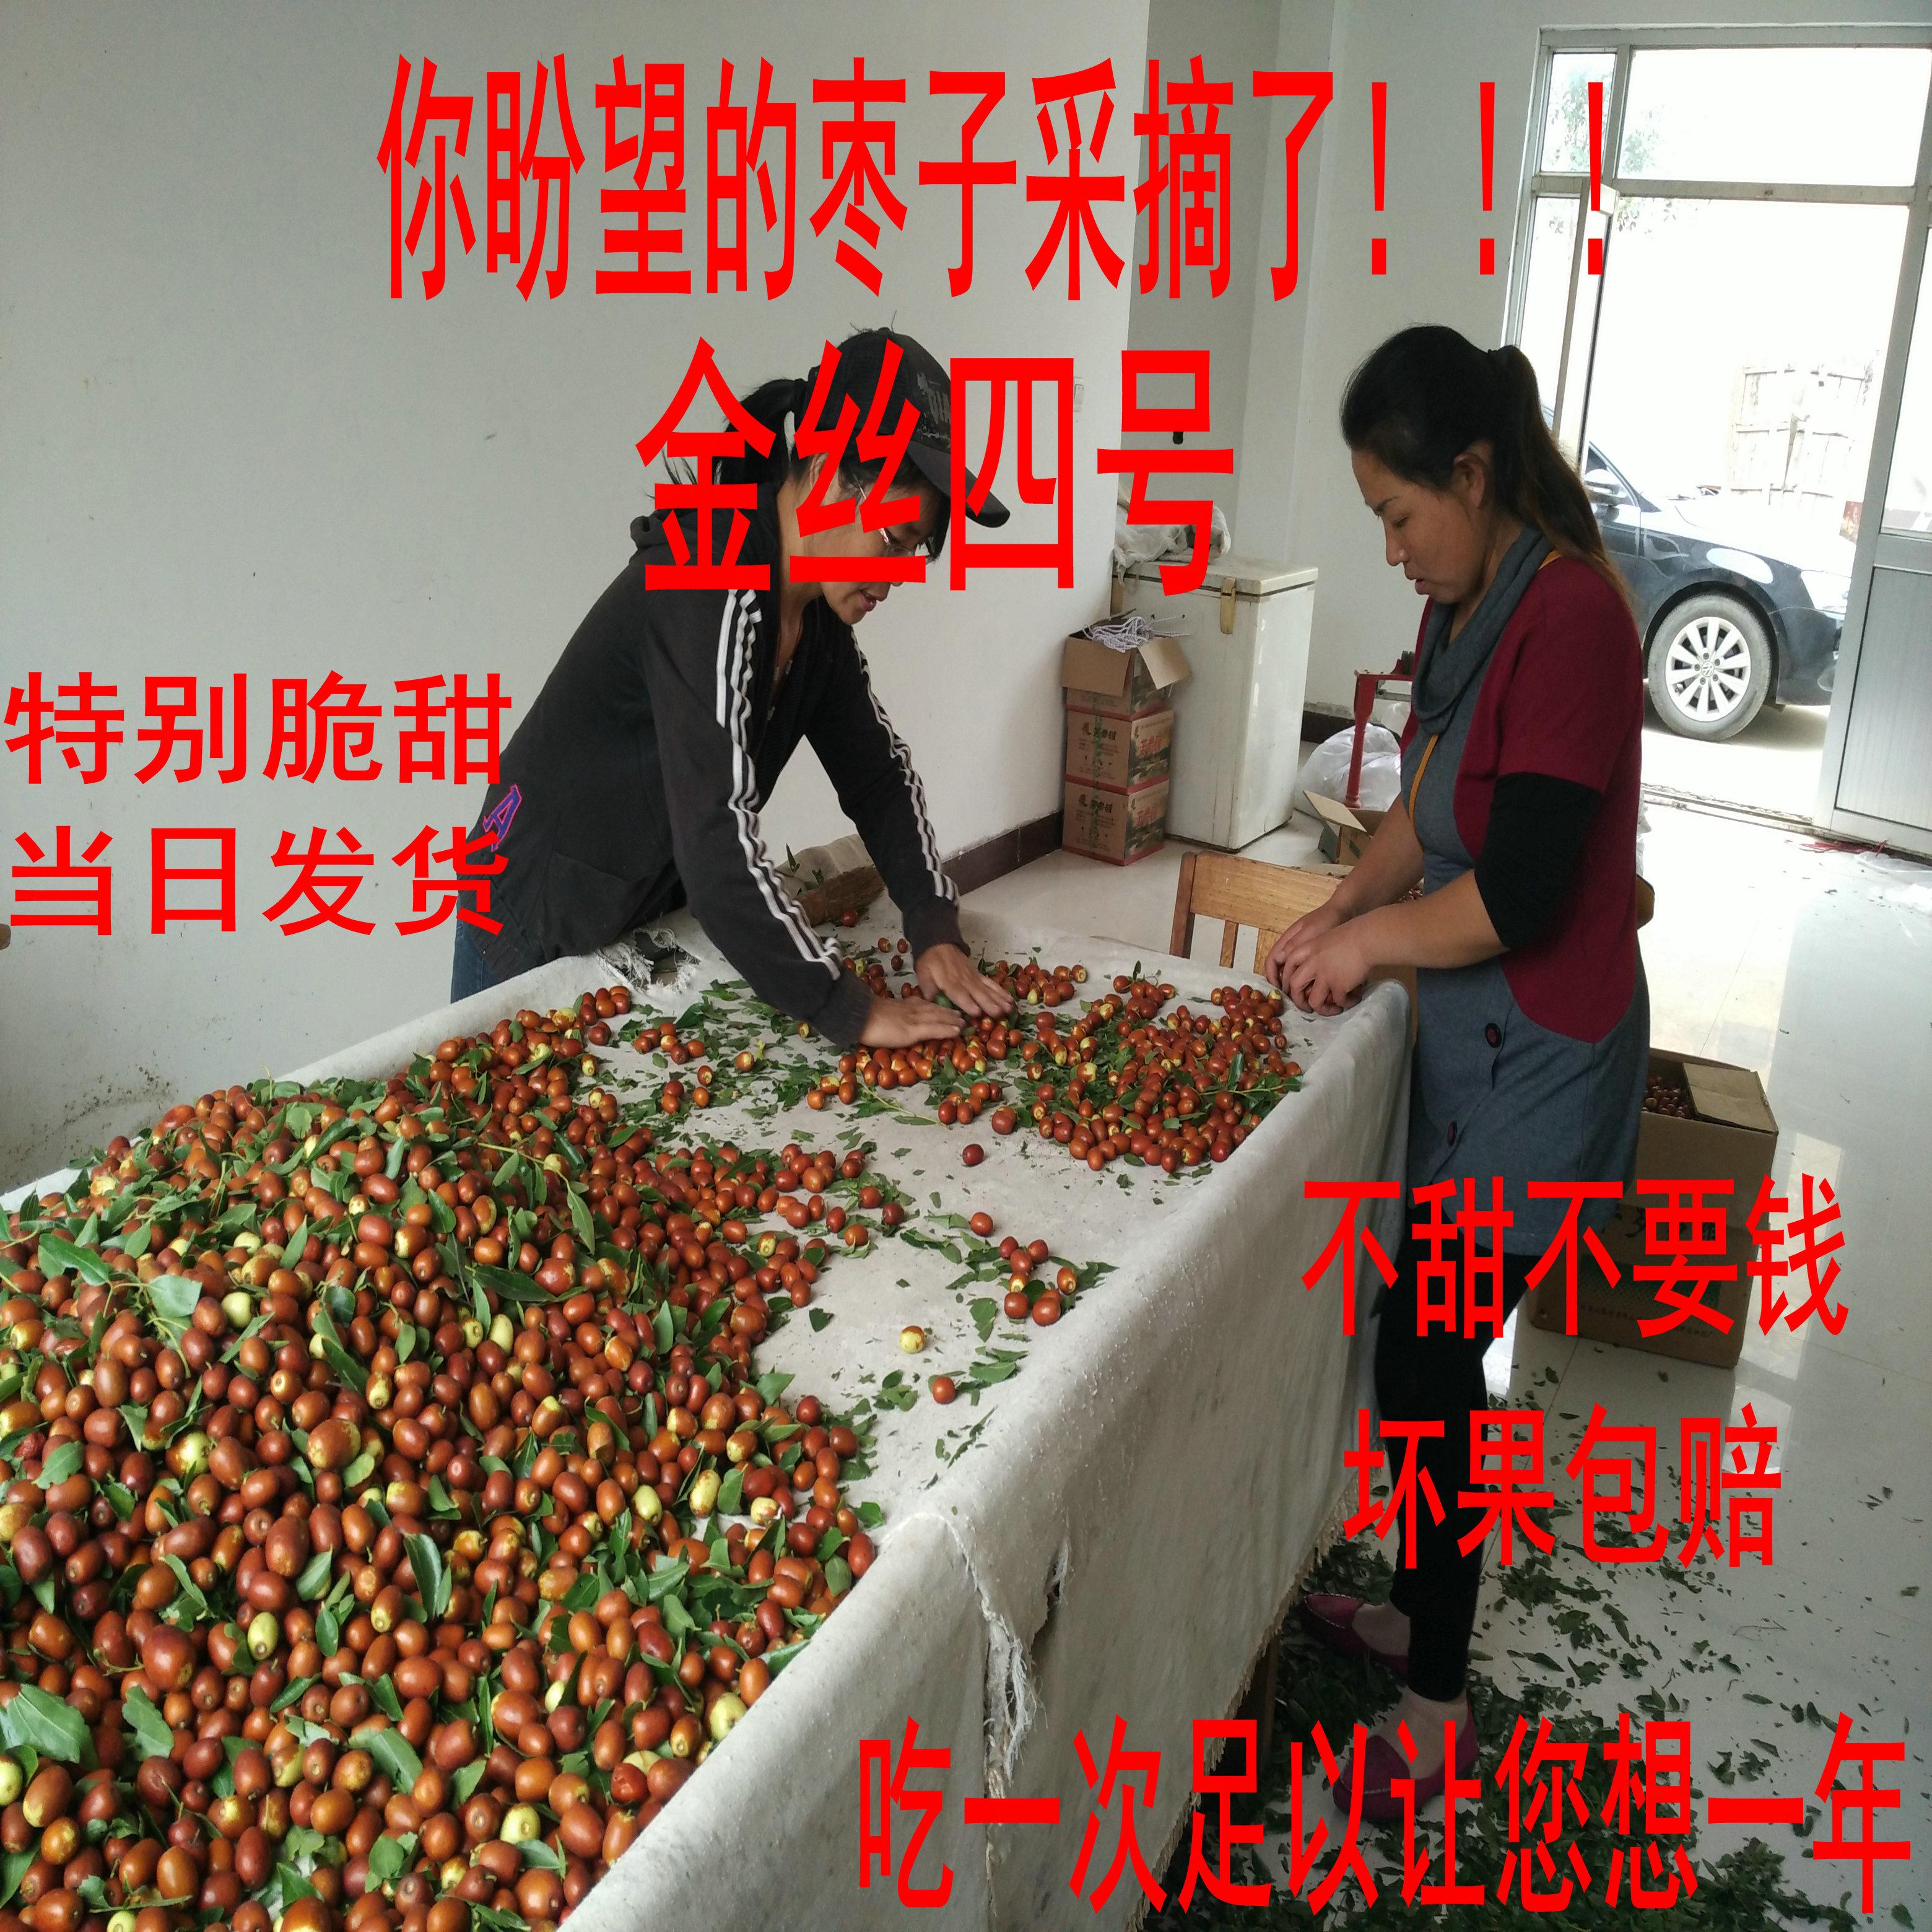 金丝四号鲜枣红枣金丝小枣脆甜脆枣60元五斤包邮